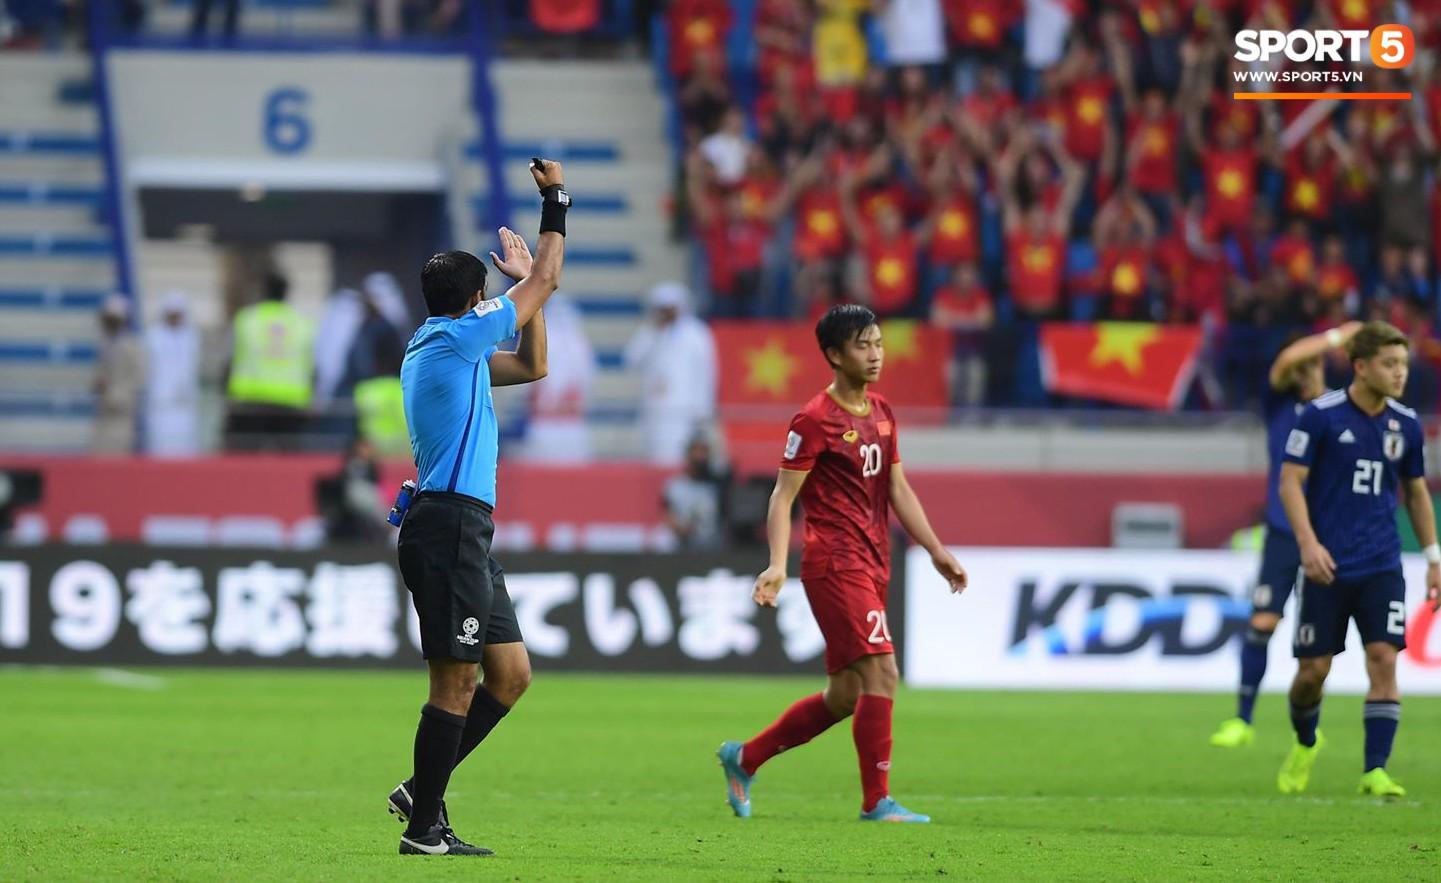 Sau khi tham khảo video, ông Abdulla Mohamed đã không công nhận bàn thắng của Nhật Bản vì Yoshida đã dùng tay đưa bóng vào lưới. Ảnh: Hiếu Lương.